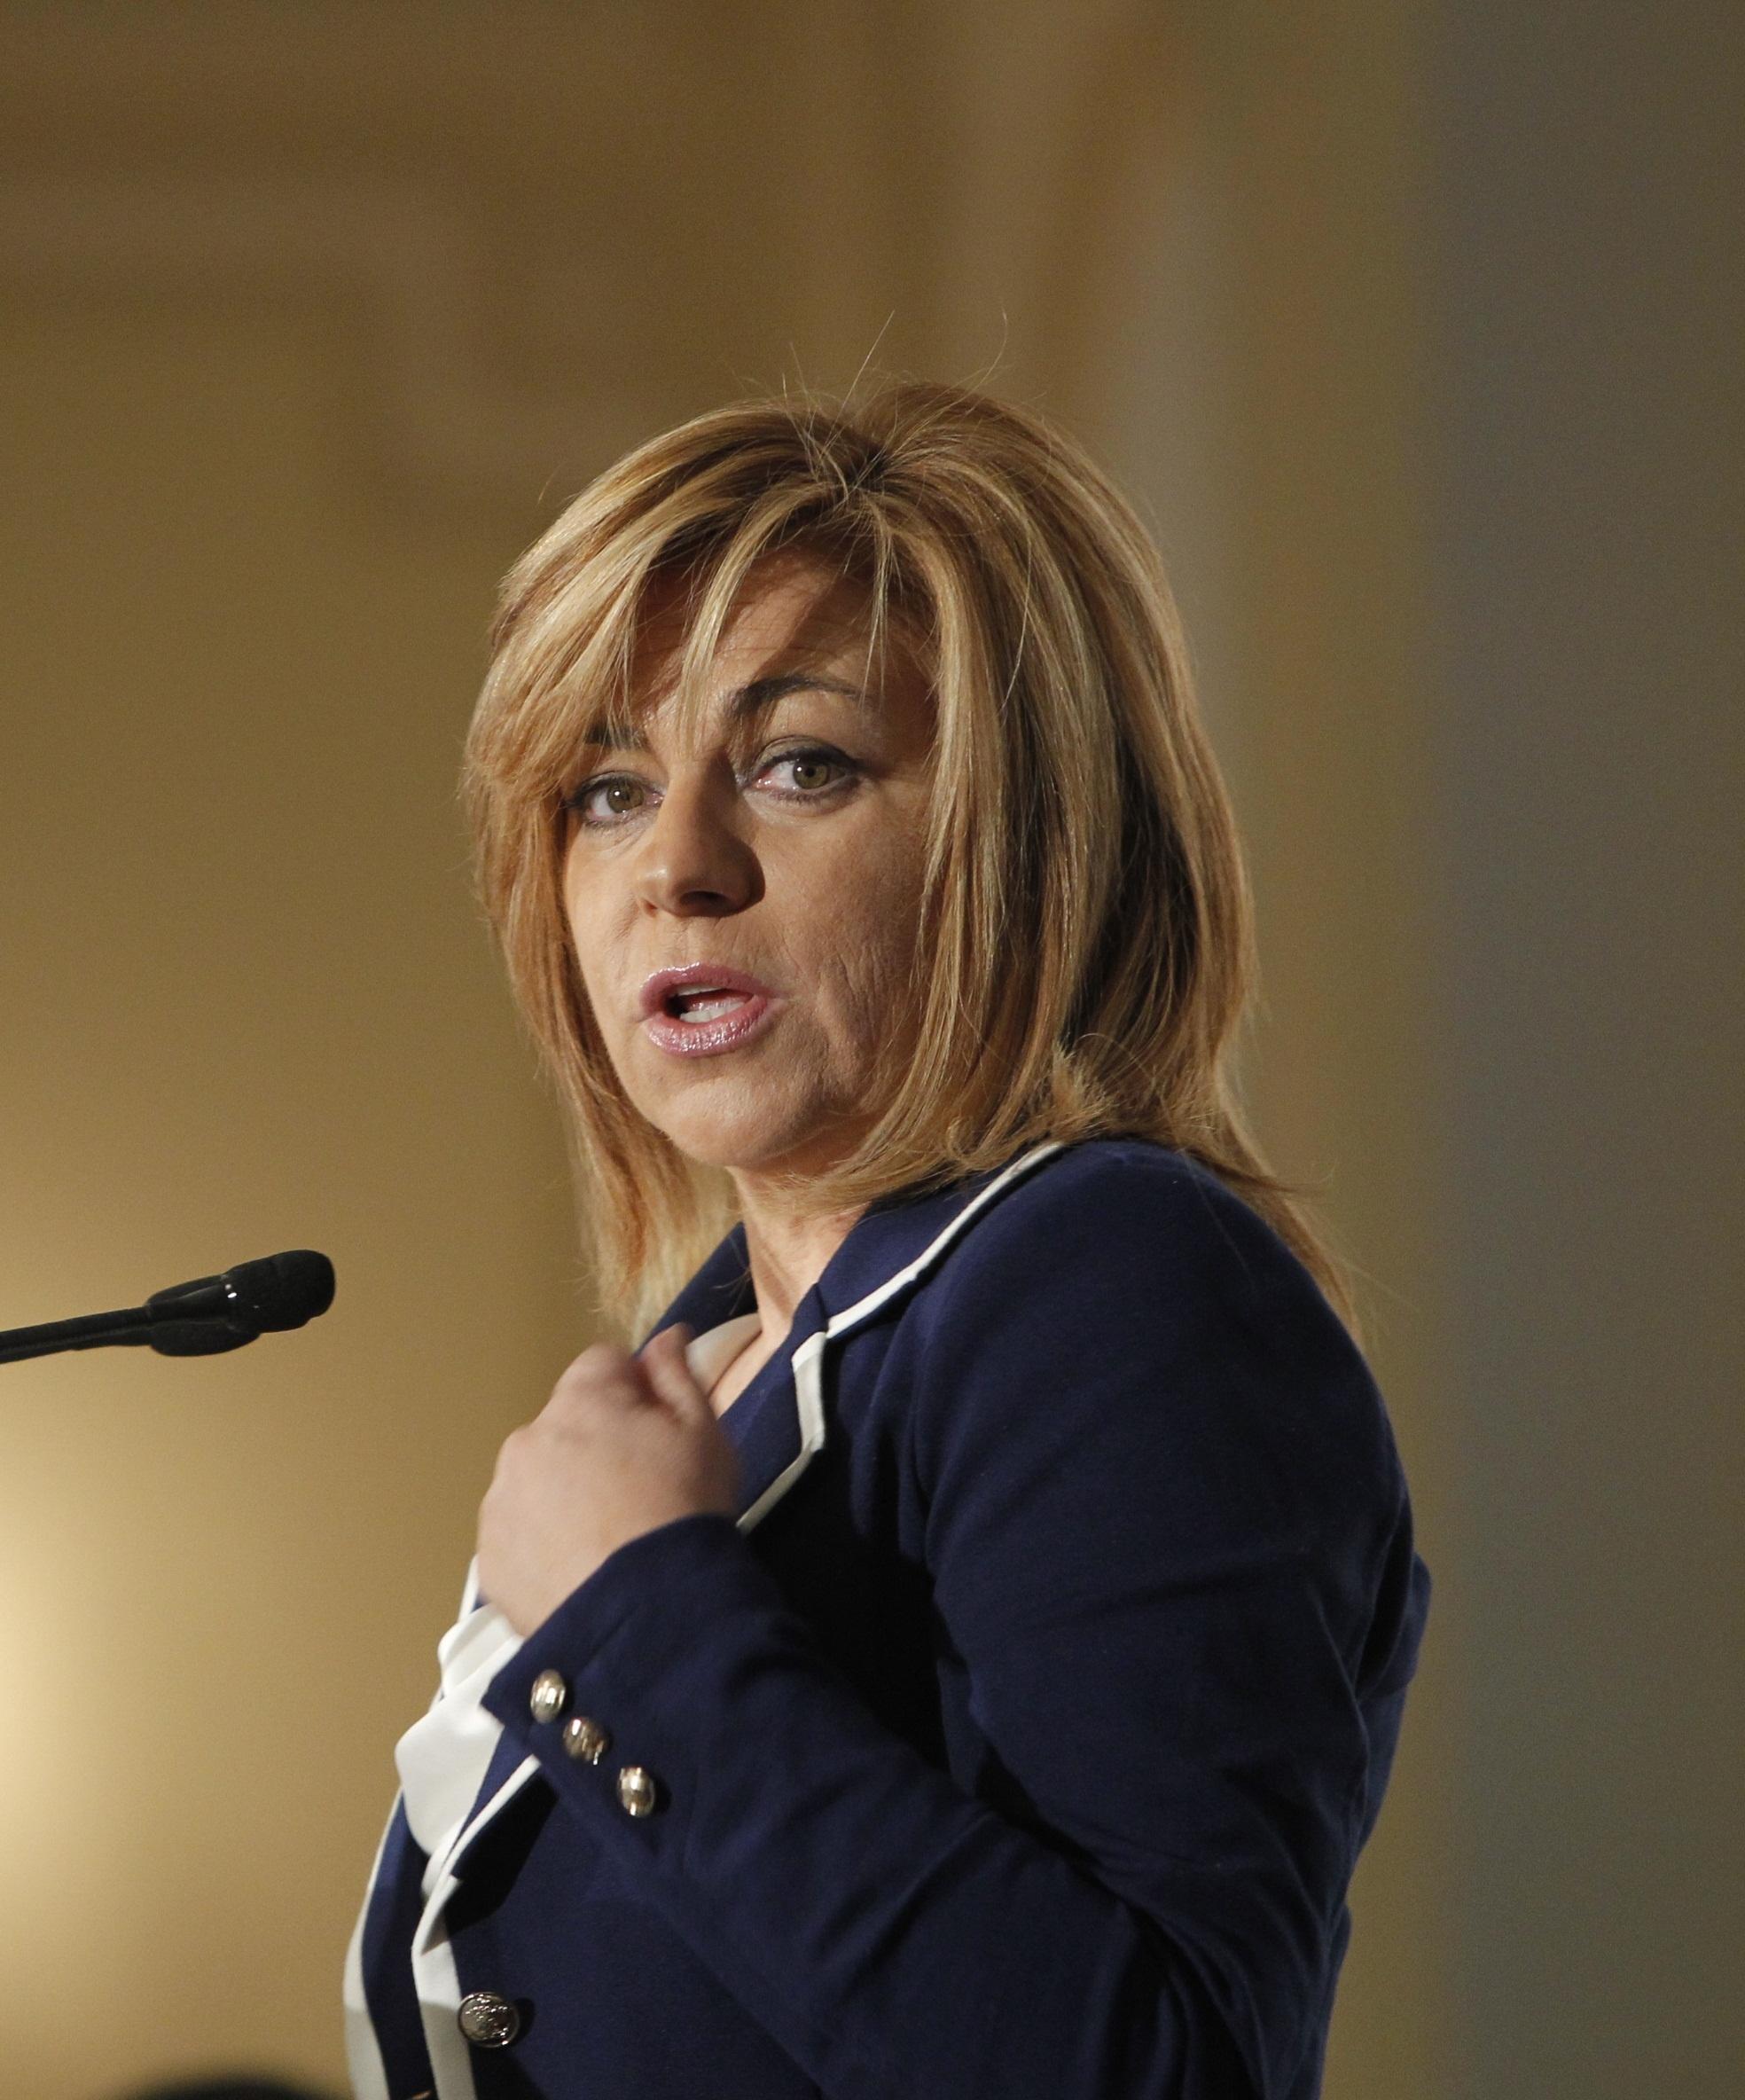 Valenciano lamenta la muerte de Alpha Pam y denuncia el «apartheid» sanitario del Gobierno que «vulnera derechos humanos